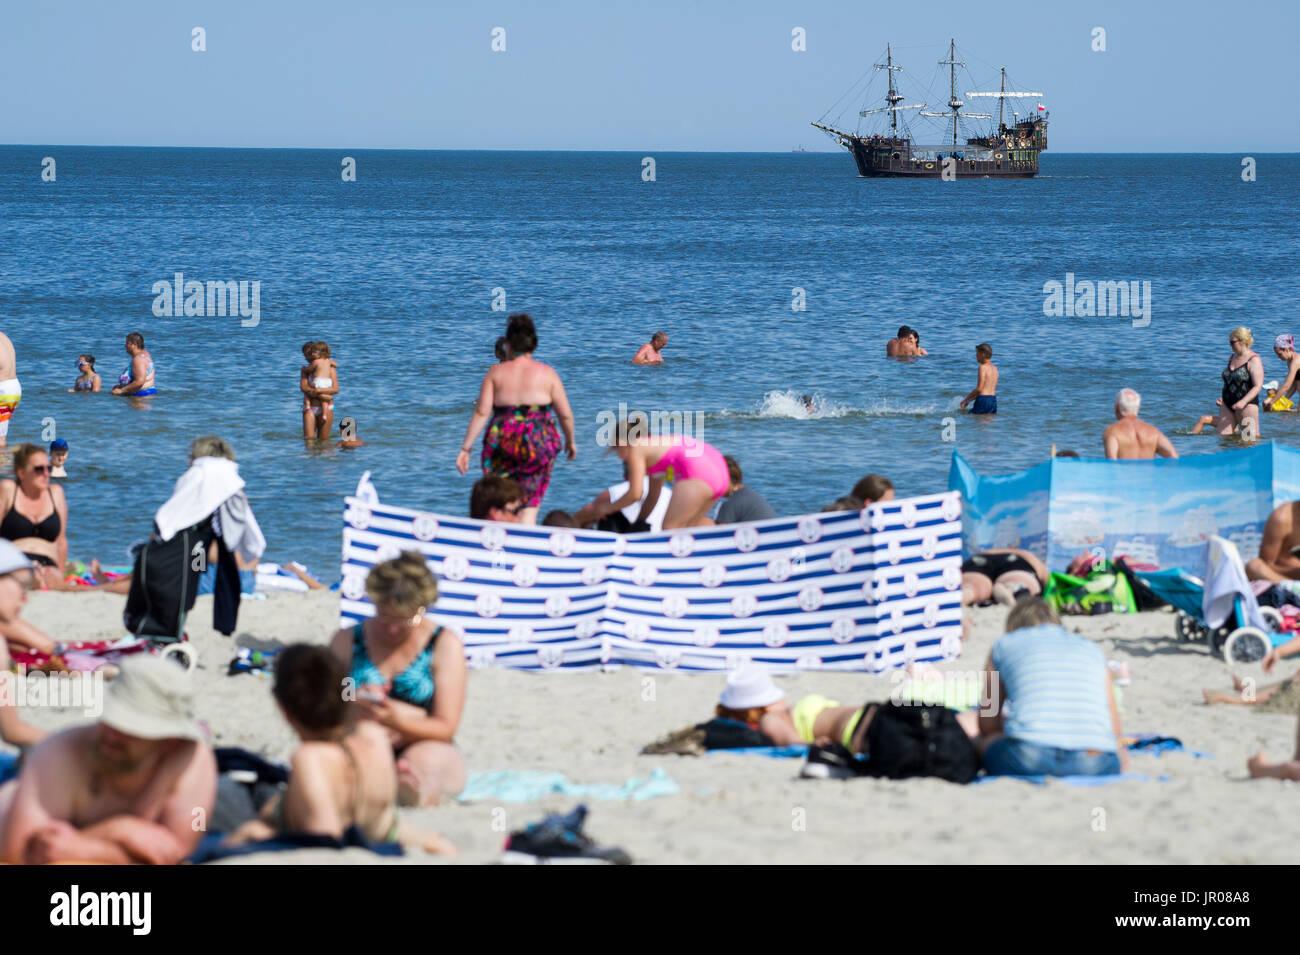 Hot day on a crowded beach in Gdynia, Poland 2nd August 2017 © Wojciech Strozyk / Alamy Stock Photo - Stock Image